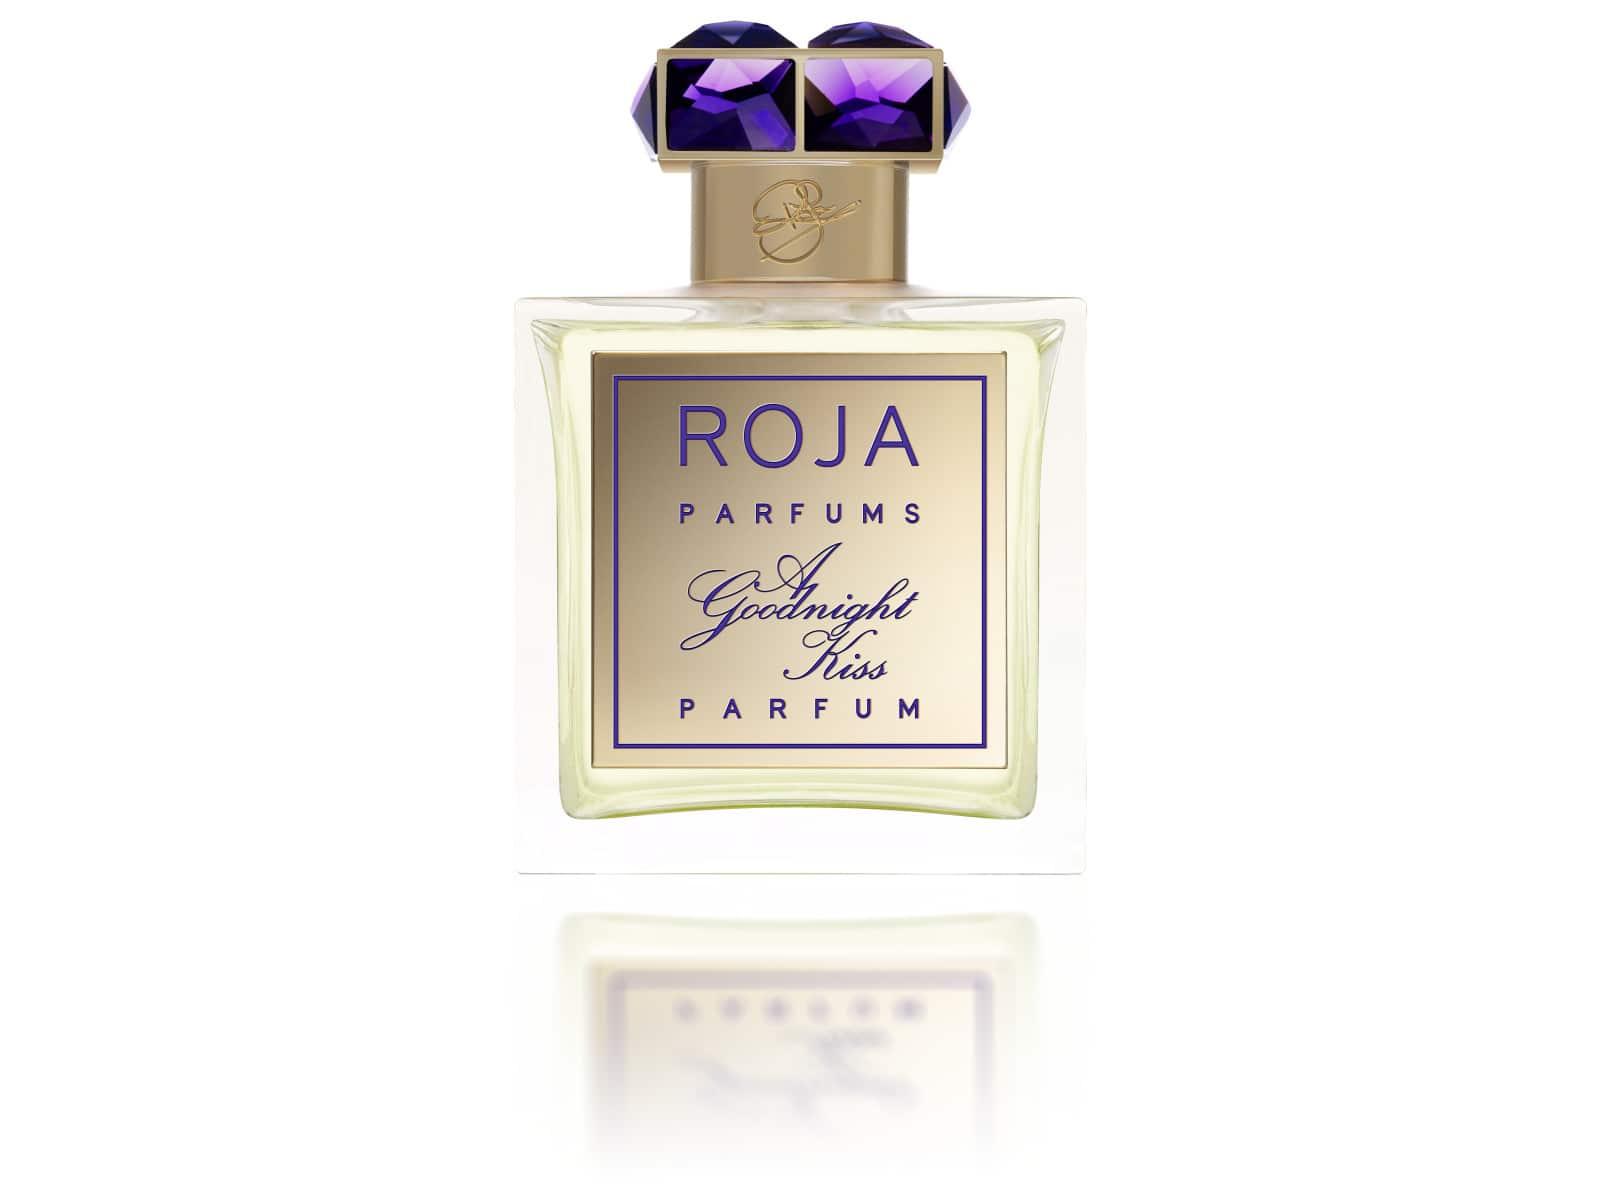 Roja Parfums - A Goodnight Kiss - Extrait de Parfum 100ml